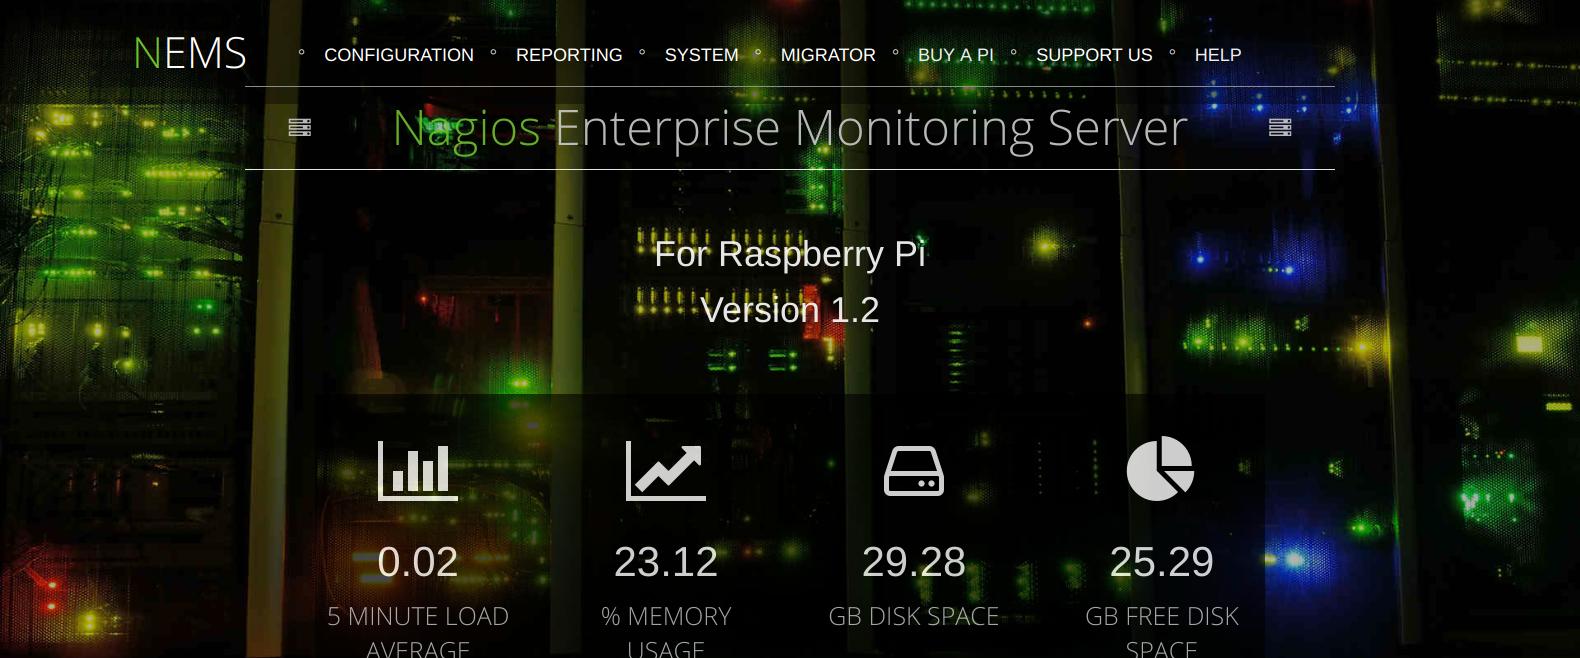 NEMS Linux – Nagios Enterprise Monitoring Server for